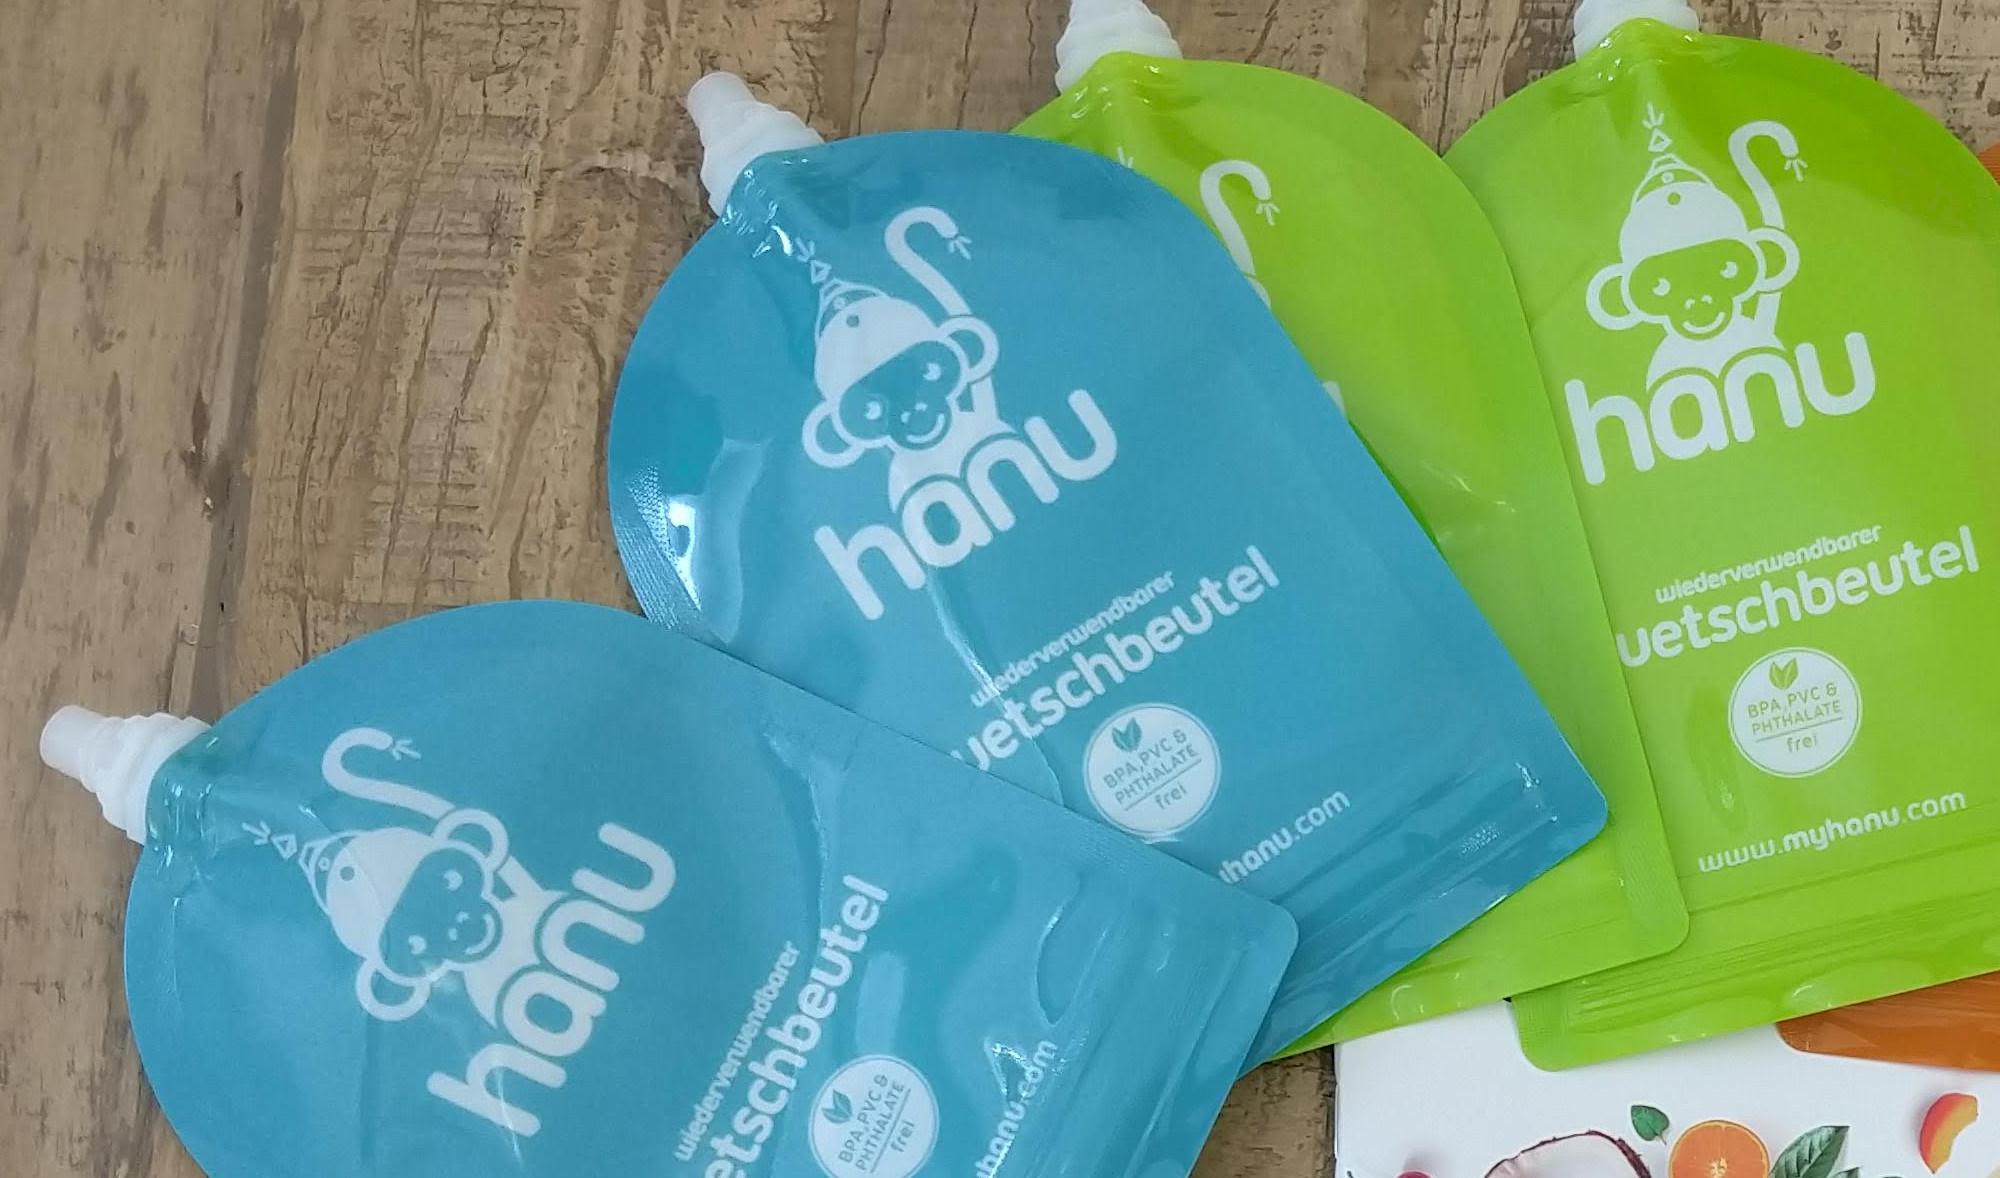 Gefrierfach /& Geschirrsp/ülfest BPA /& PVC frei 20er Pack Wiederverwendbare Quetschbeutel zum Selbst Bef/üllen 400ml EXTRA GROSS Baby /& Kleinkinder mit gekochten Essen /& Gem/üse versorgen